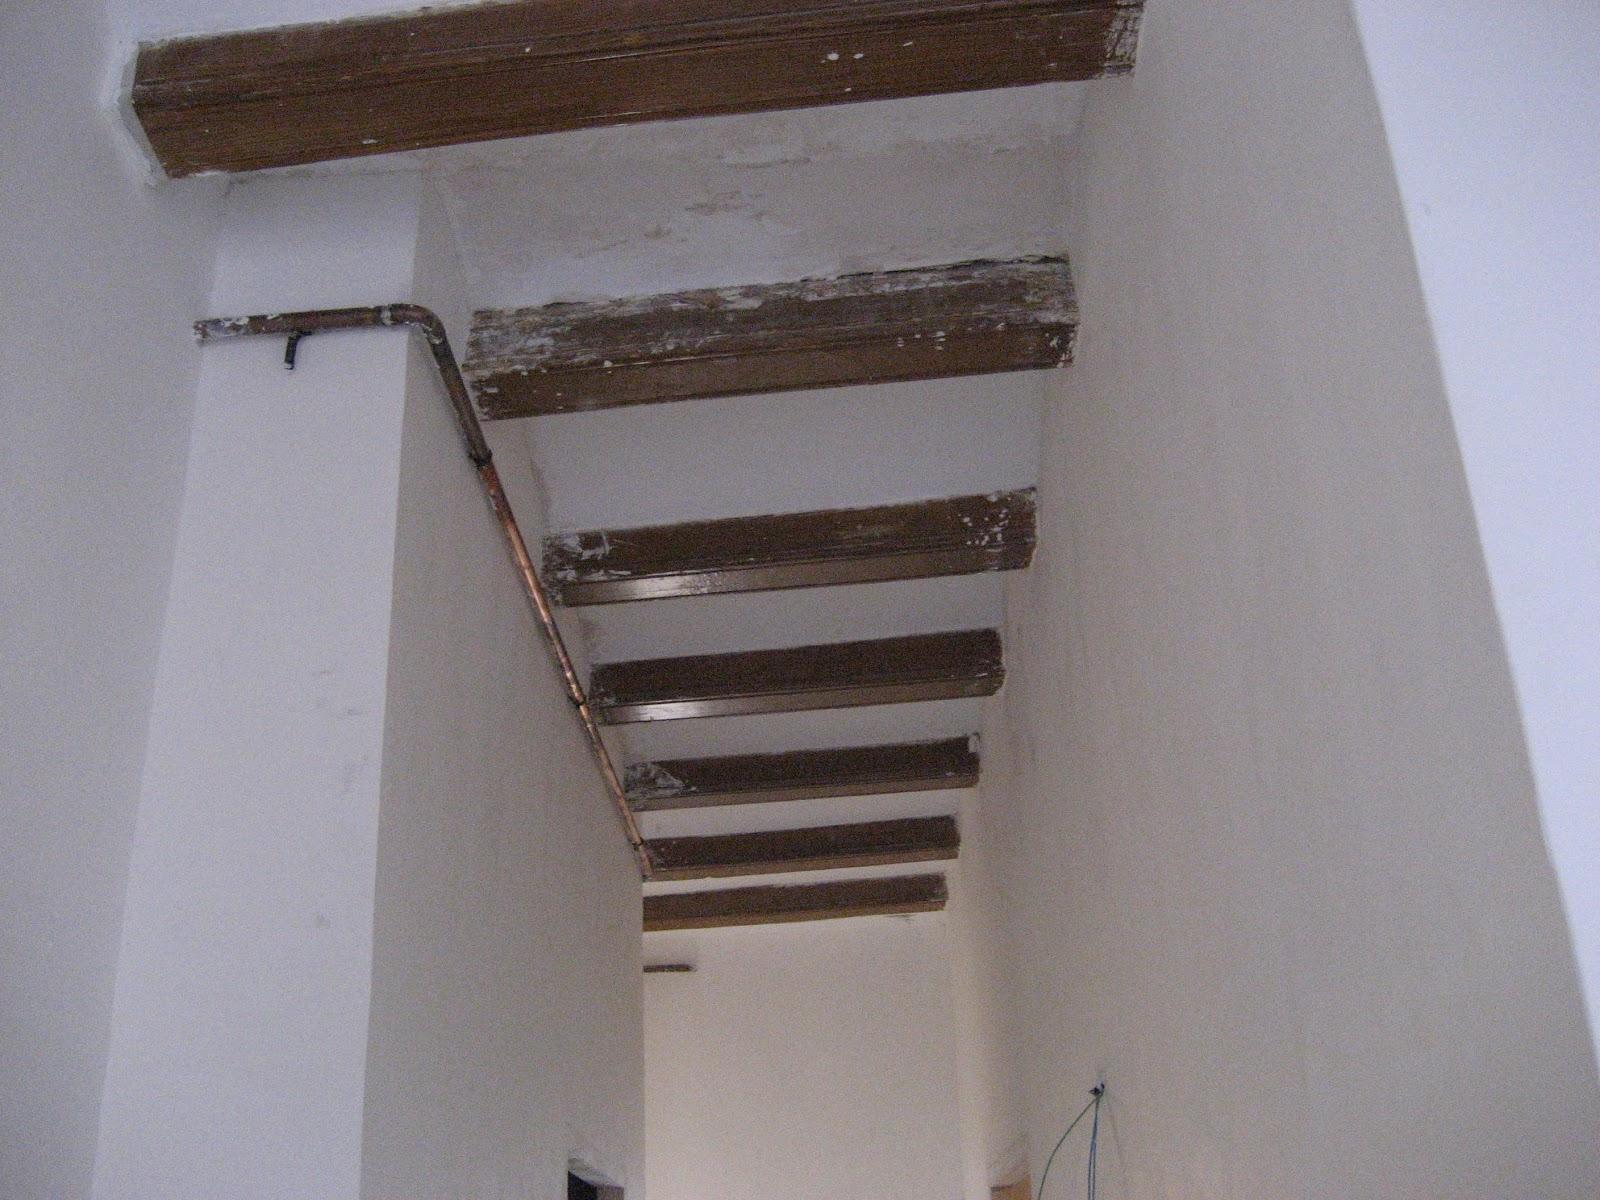 Servicios de pintura pinturas alejandre como pintar su piso for Pintura color piedra